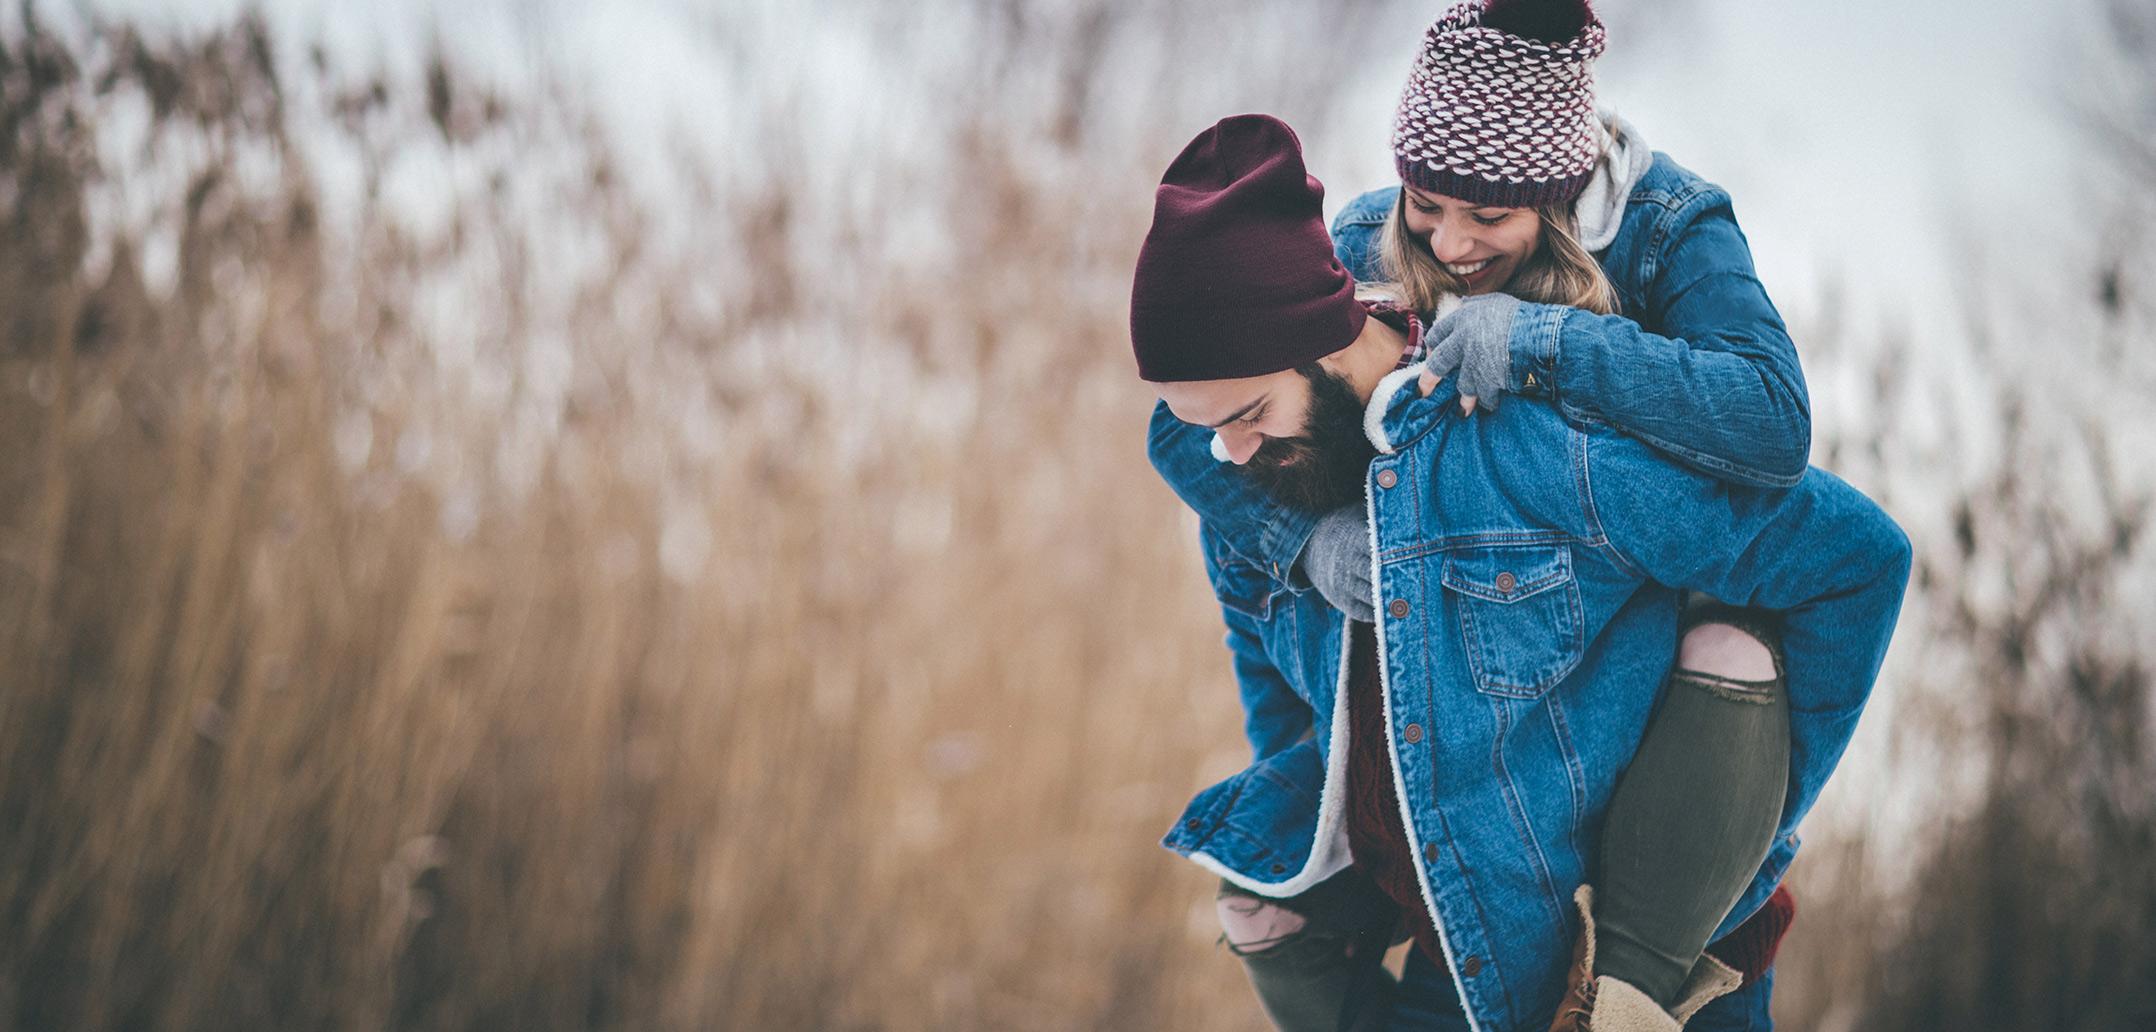 Daran Gehen Die Meisten Beziehungen Zu Grunde Beziehungsweise